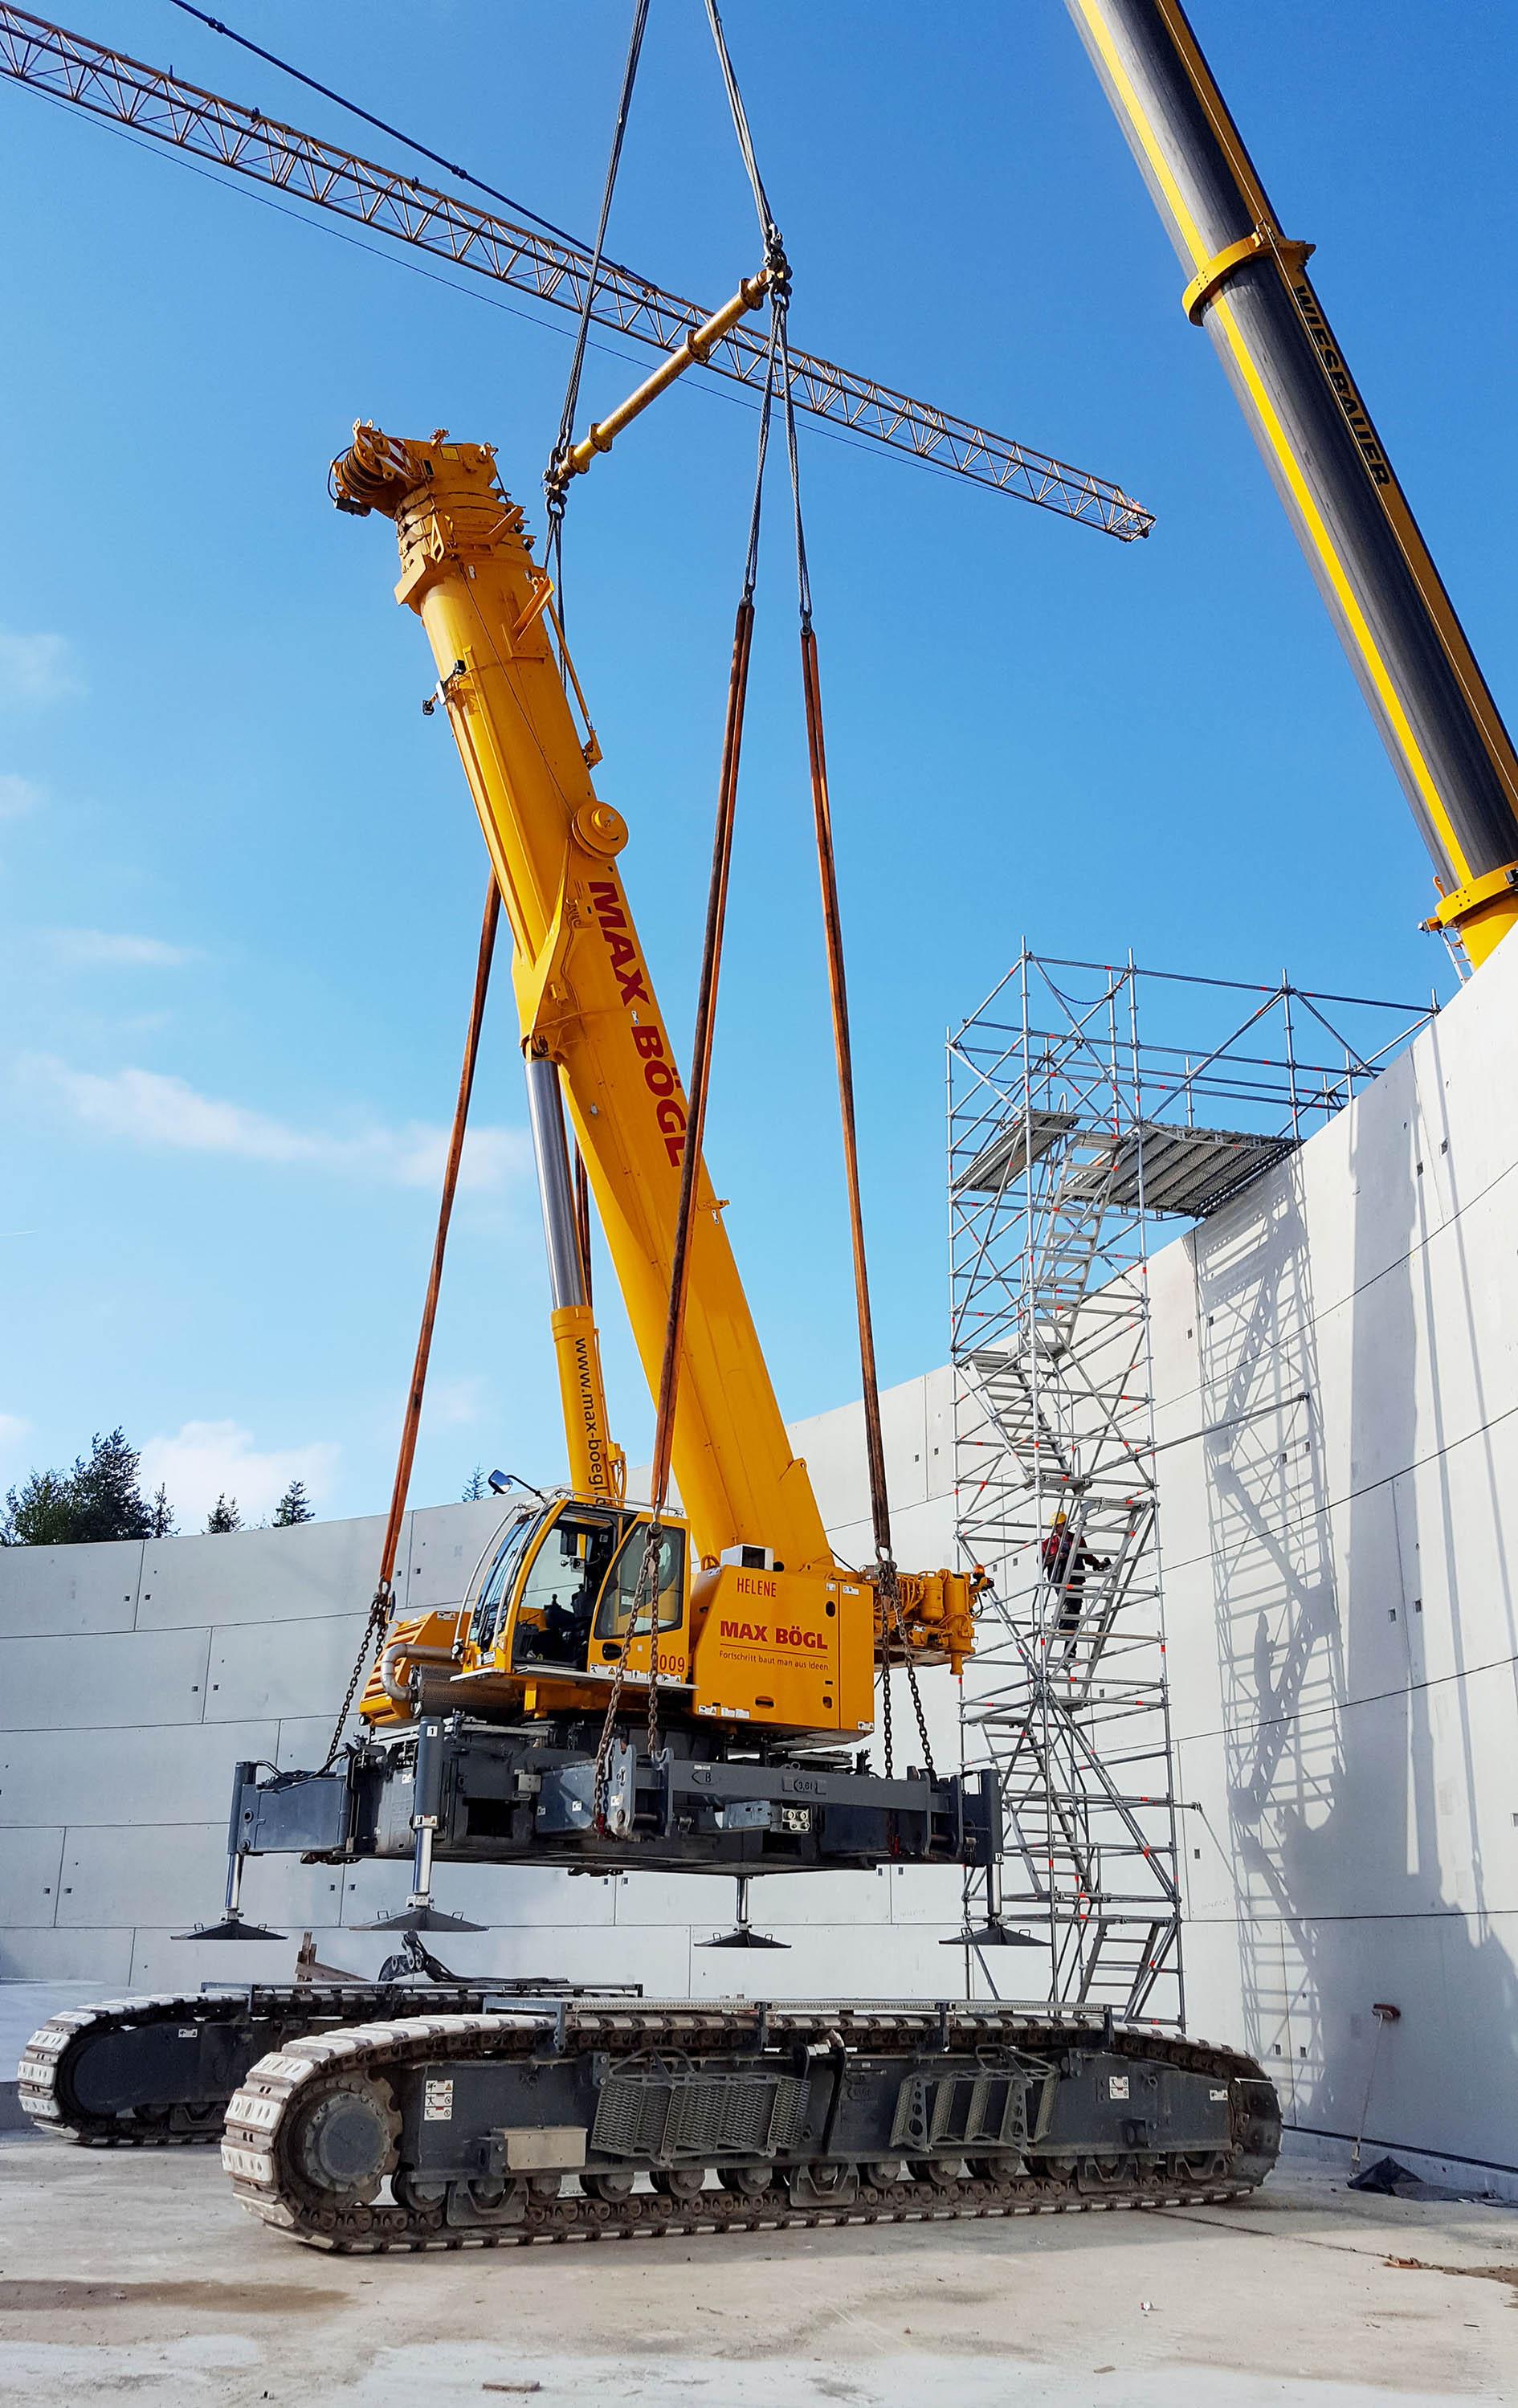 Nach Fertigstellung der Speicherwand wird der LTR1220 aus der Baustelle gehoben.